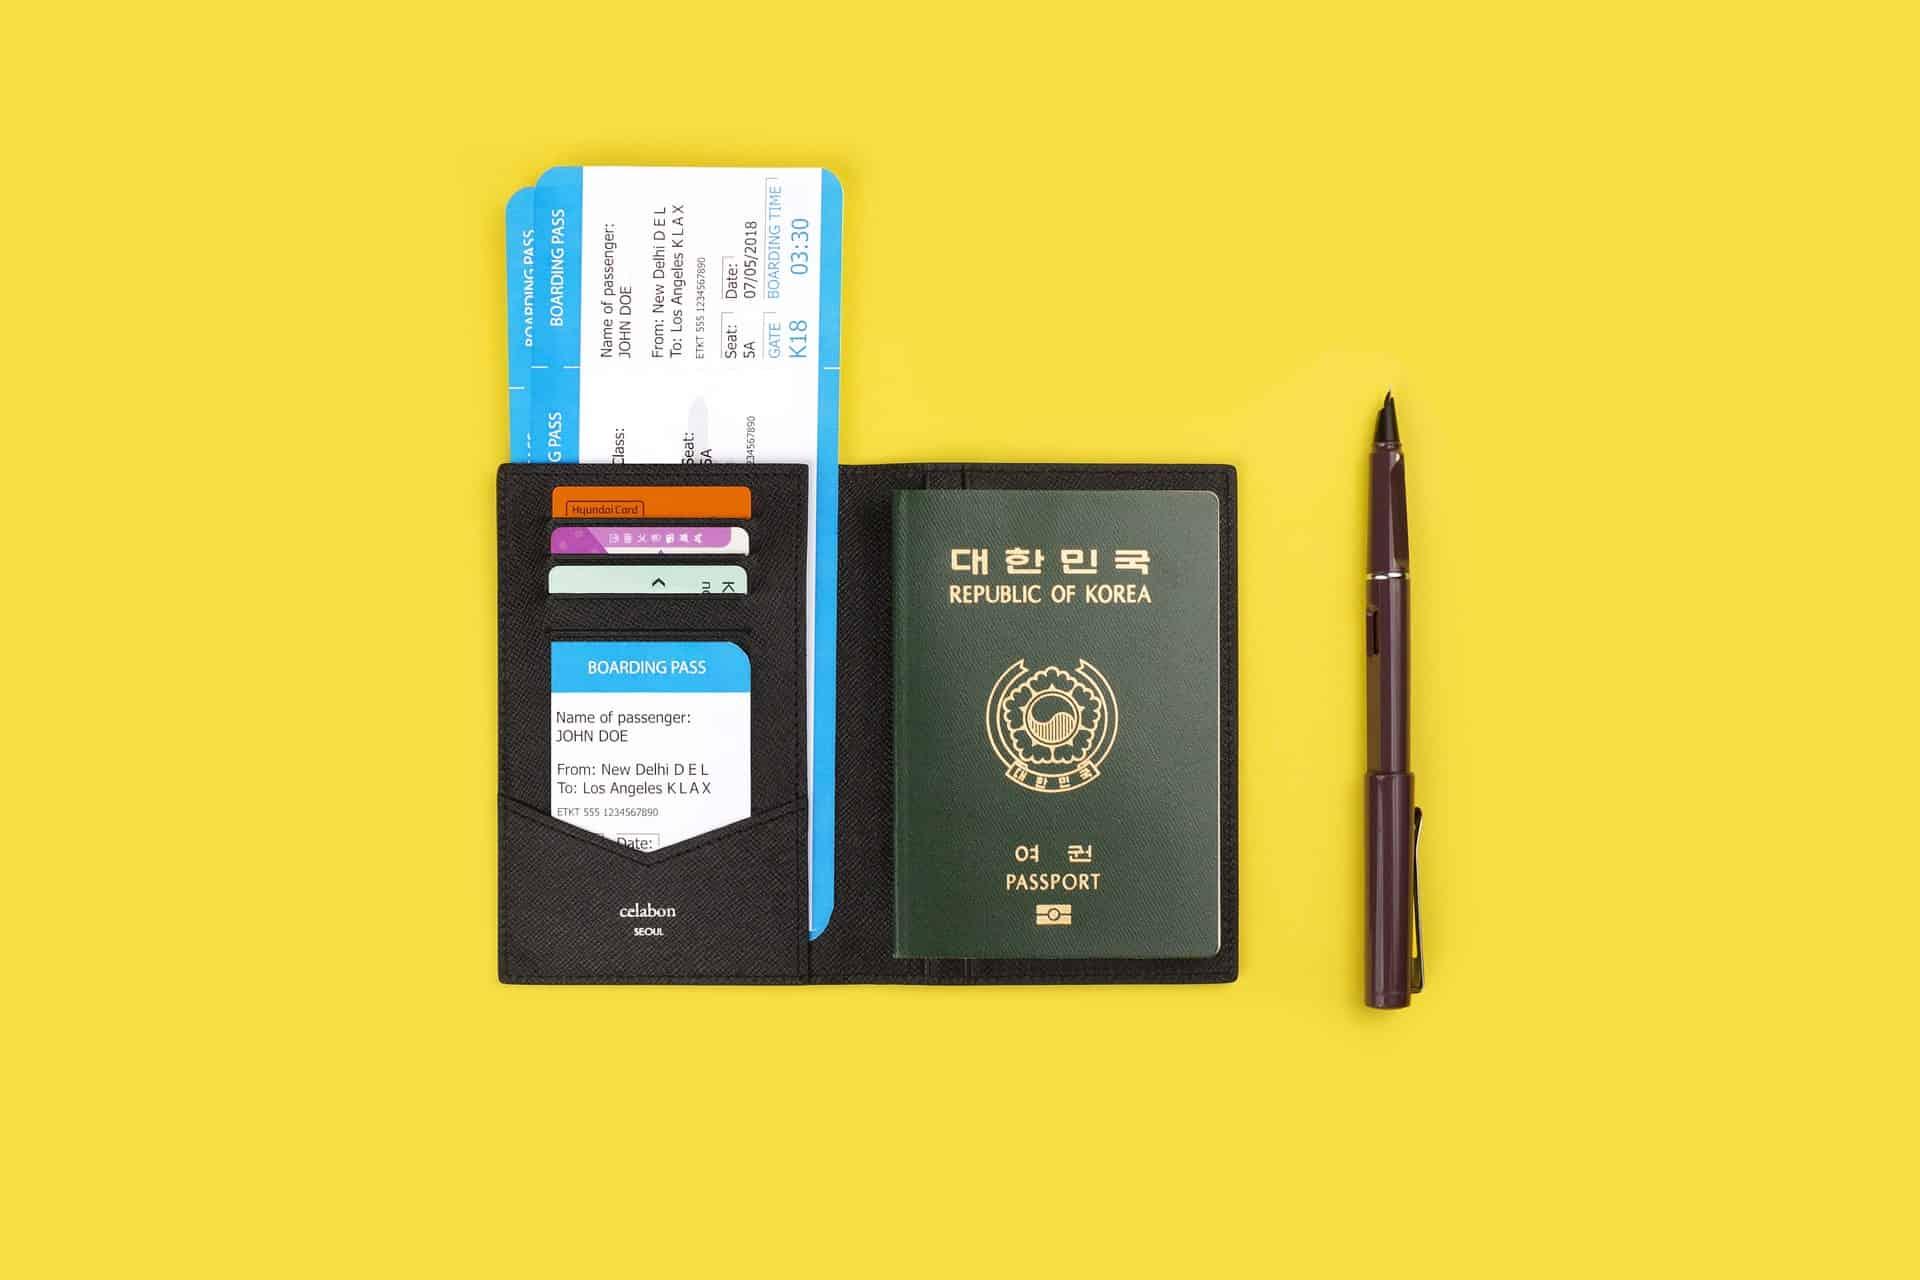 Imagem mostra uma carteira contendo um passaporte, uma passagem de avião e três cartões ao lado de uma caneta. Ambos sobre uma superfície amarela.